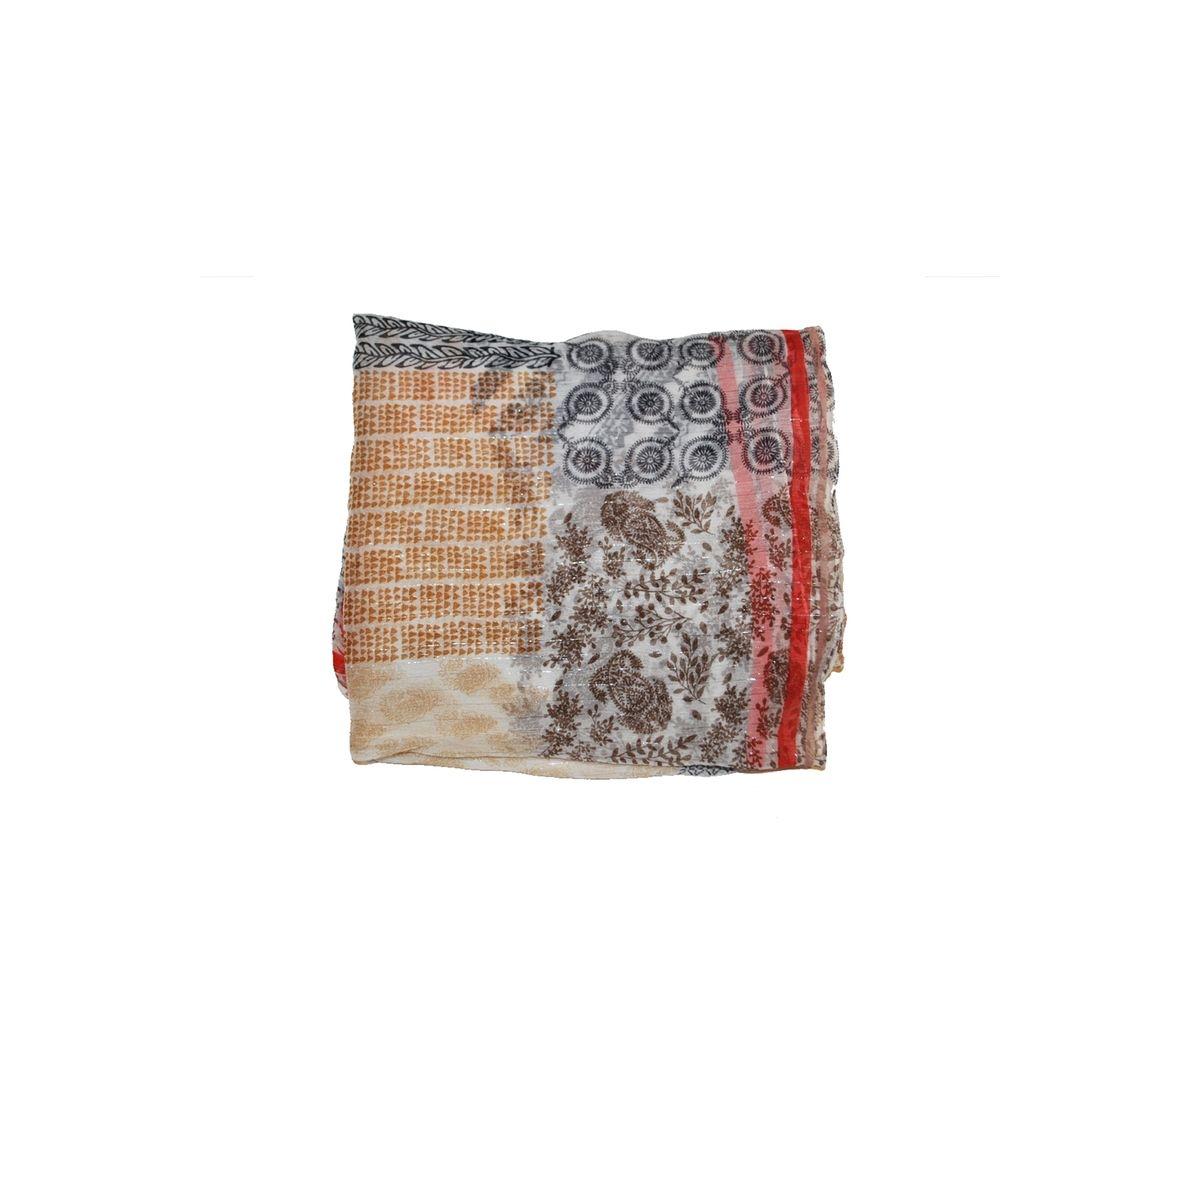 Foulard en viscose Fil textile imprimée - Paradoxe